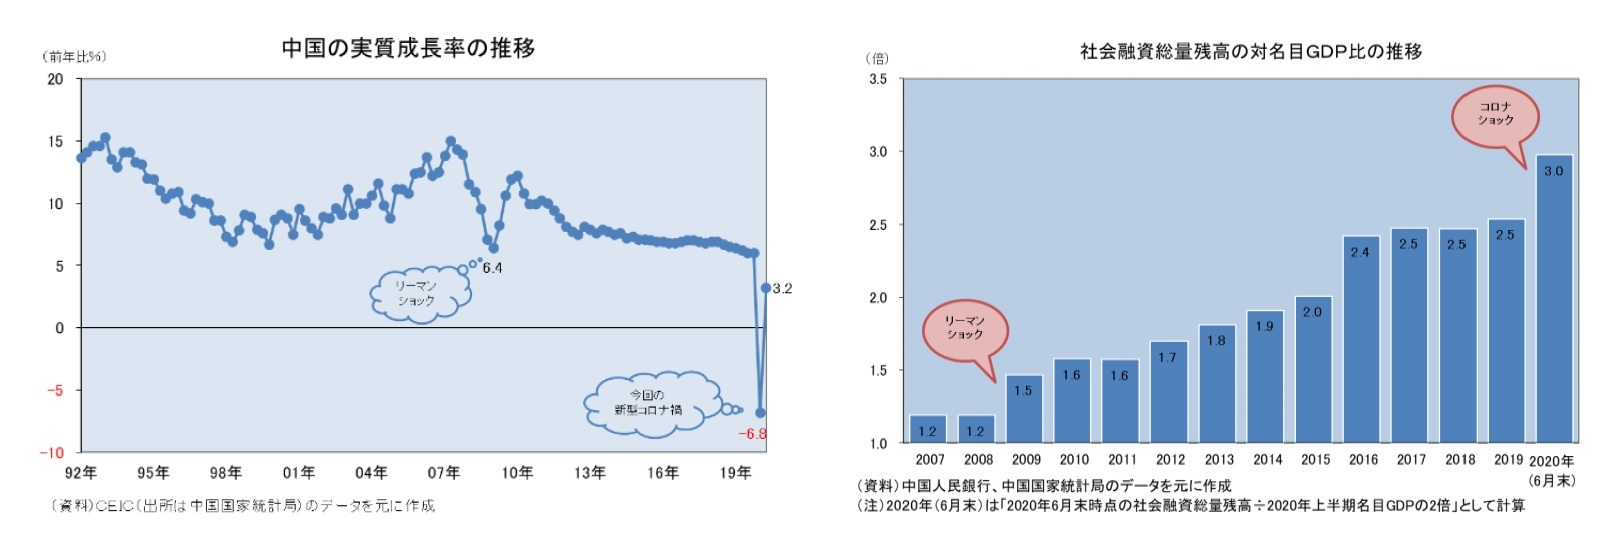 中国の実質成長率の推移/社会融資総量残高の対名目GDP比の推移